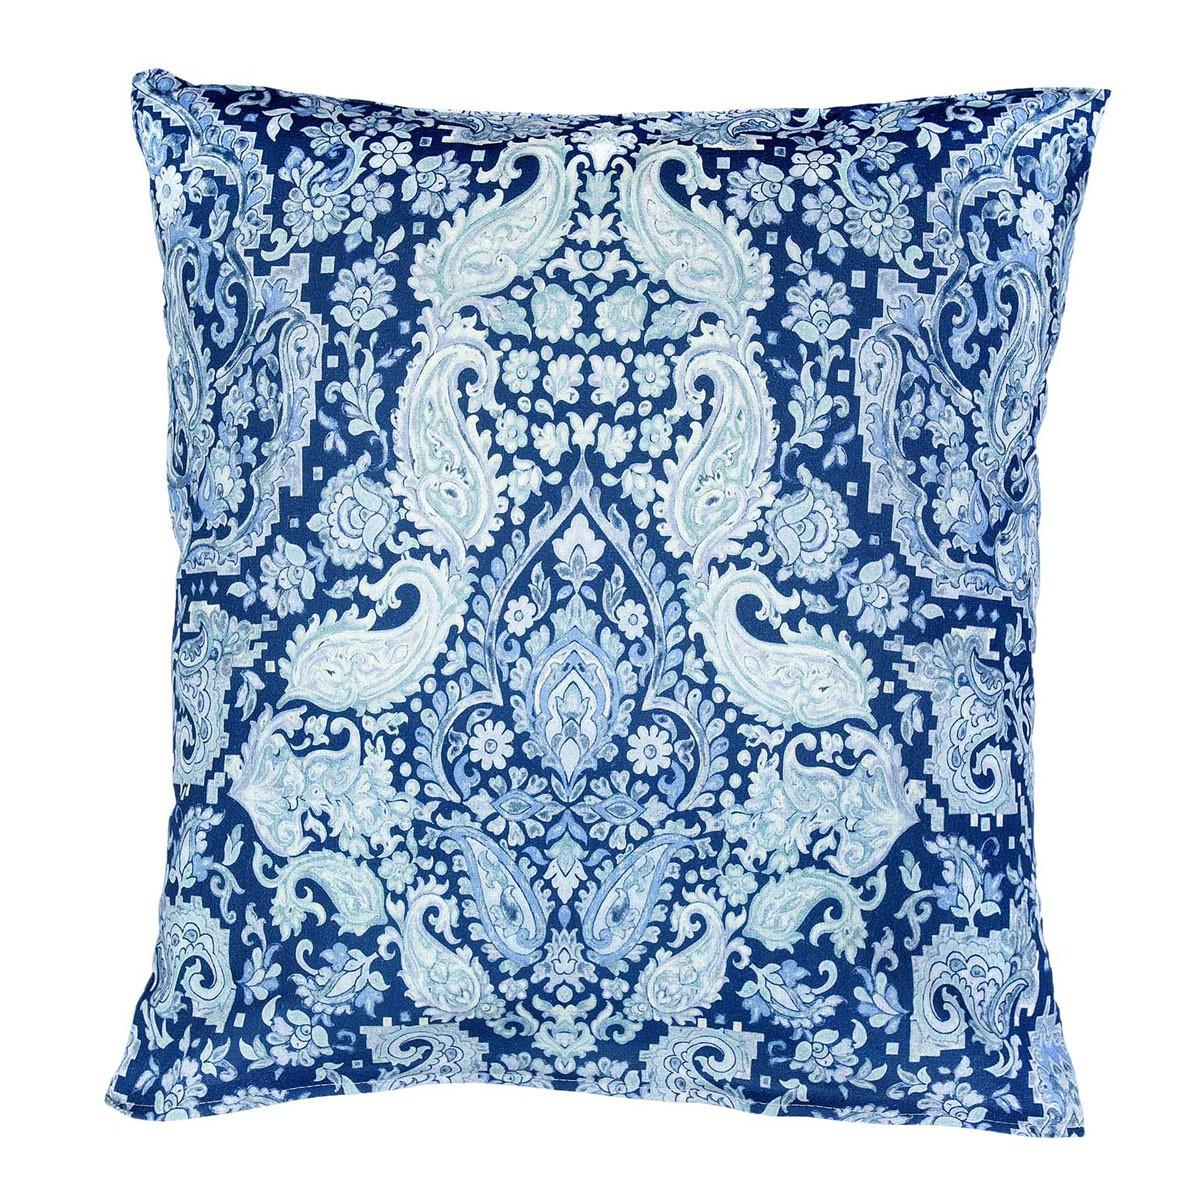 Διακοσμητική Μαξιλαροθήκη Nima Cushions Ananta